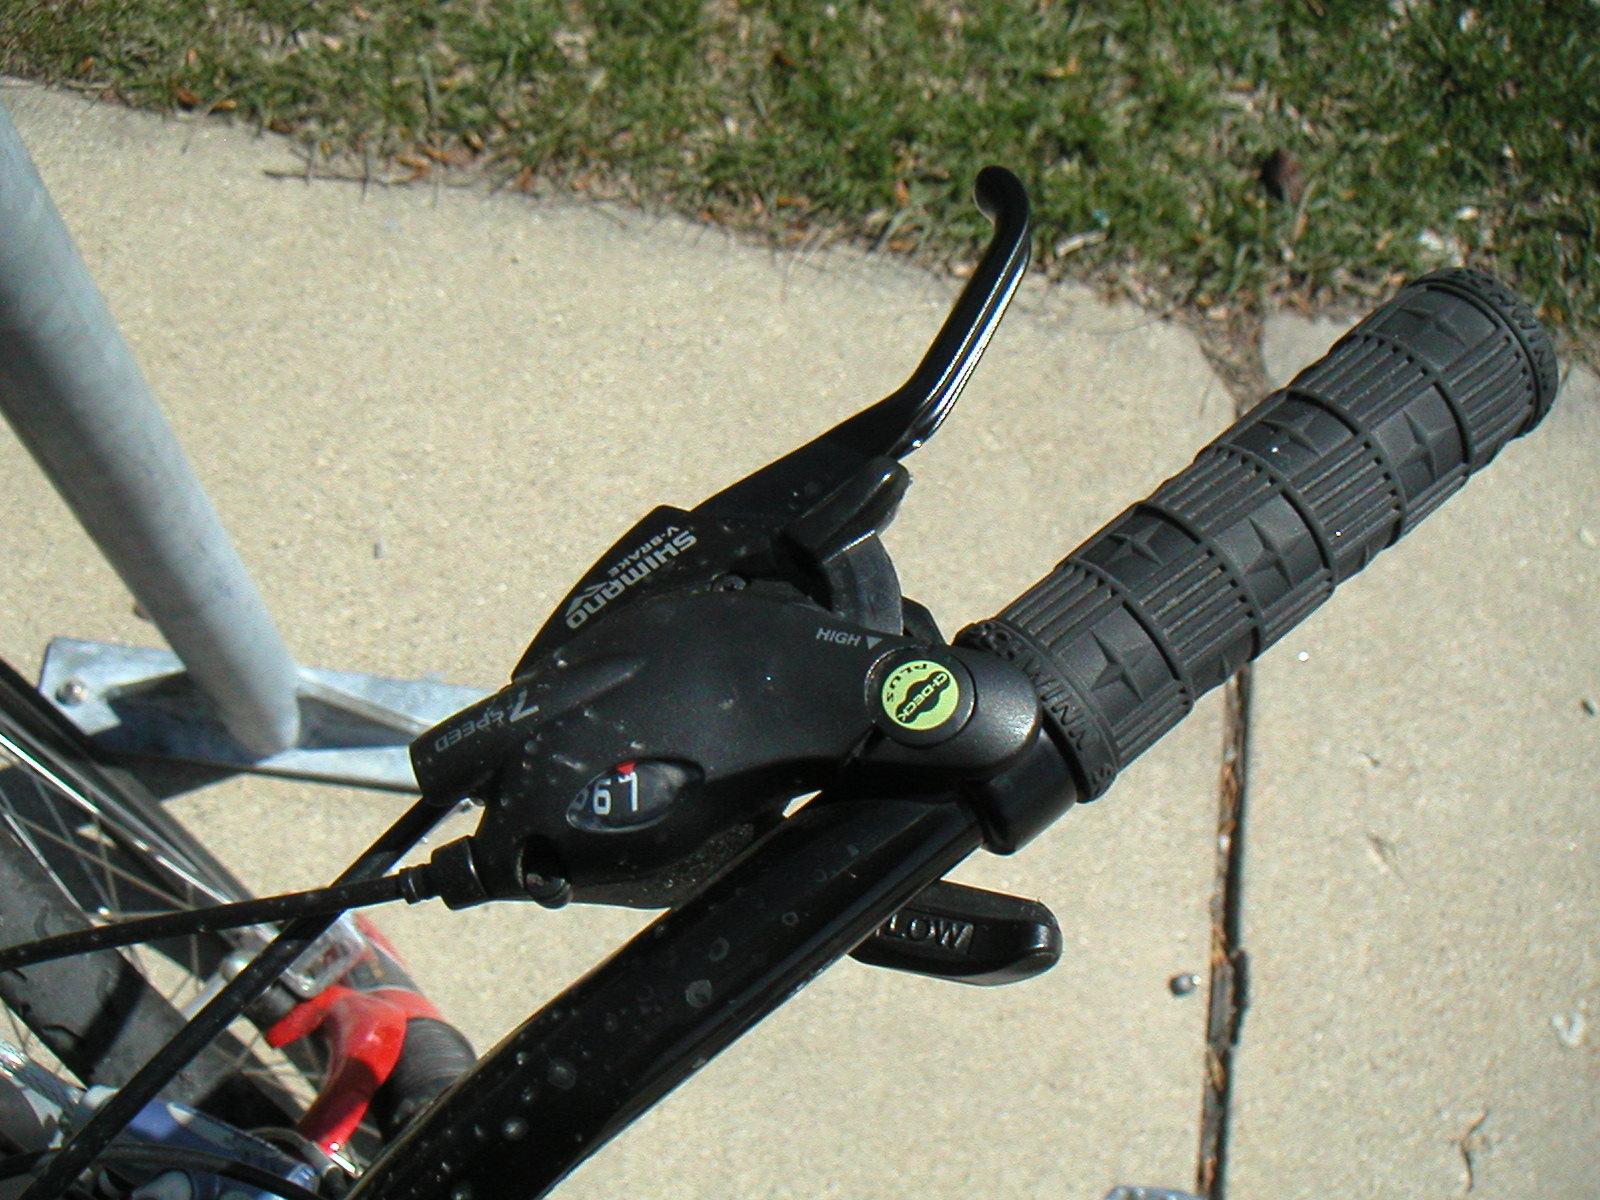 Bike Gear Shifting below the bar shifter with